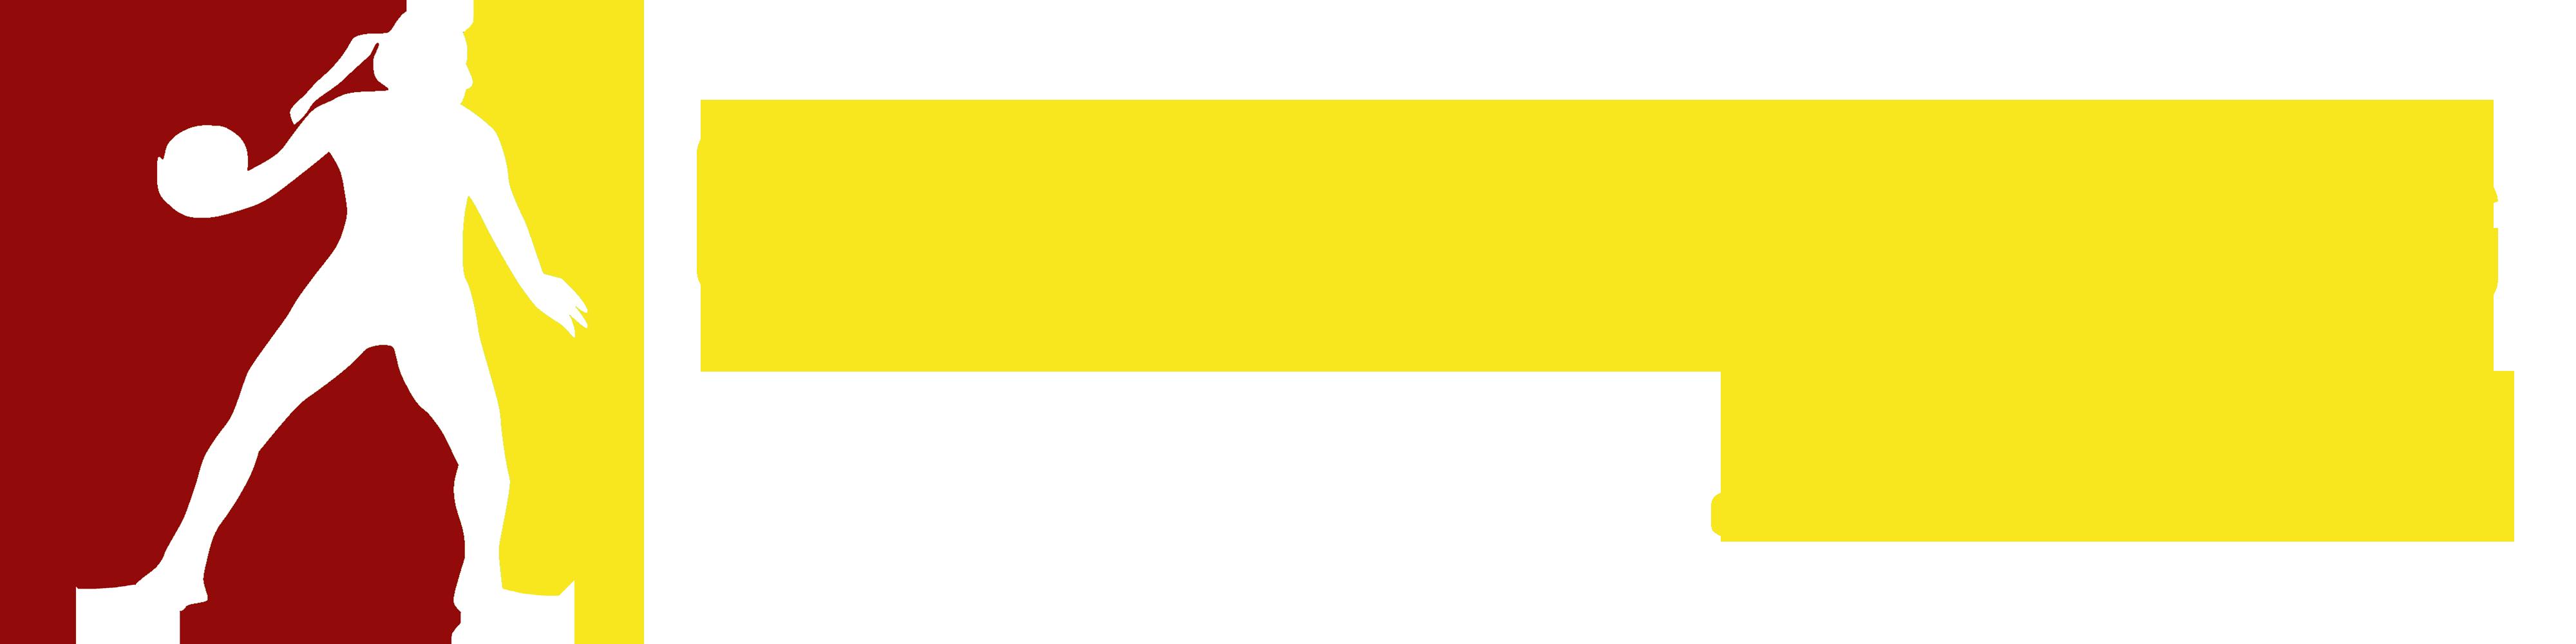 Quiddkids